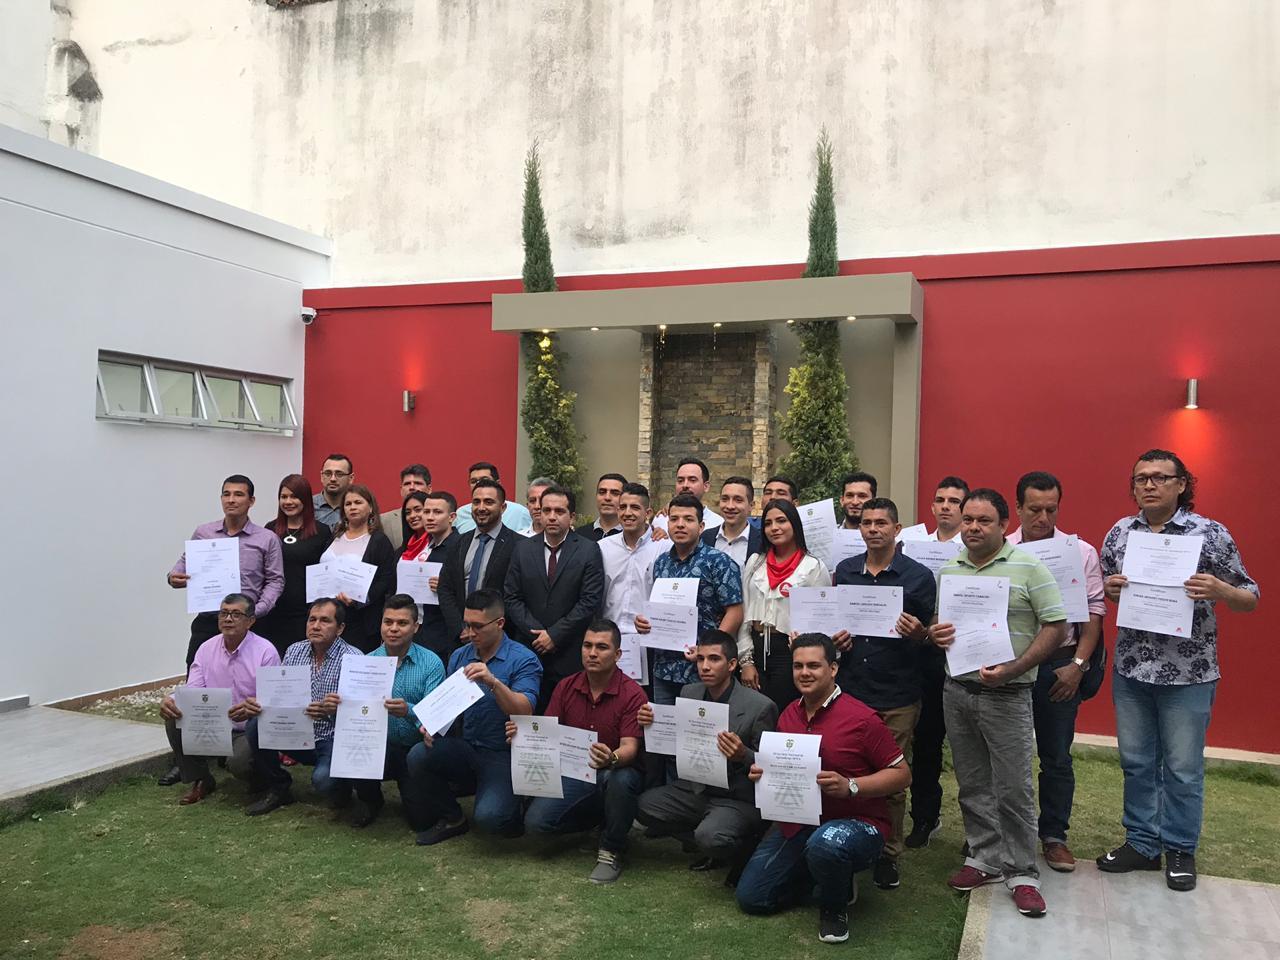 Primera generación del programa Axalta y SENA. Certifican a maestros pintores de Bucaramanga | EL FRENTE